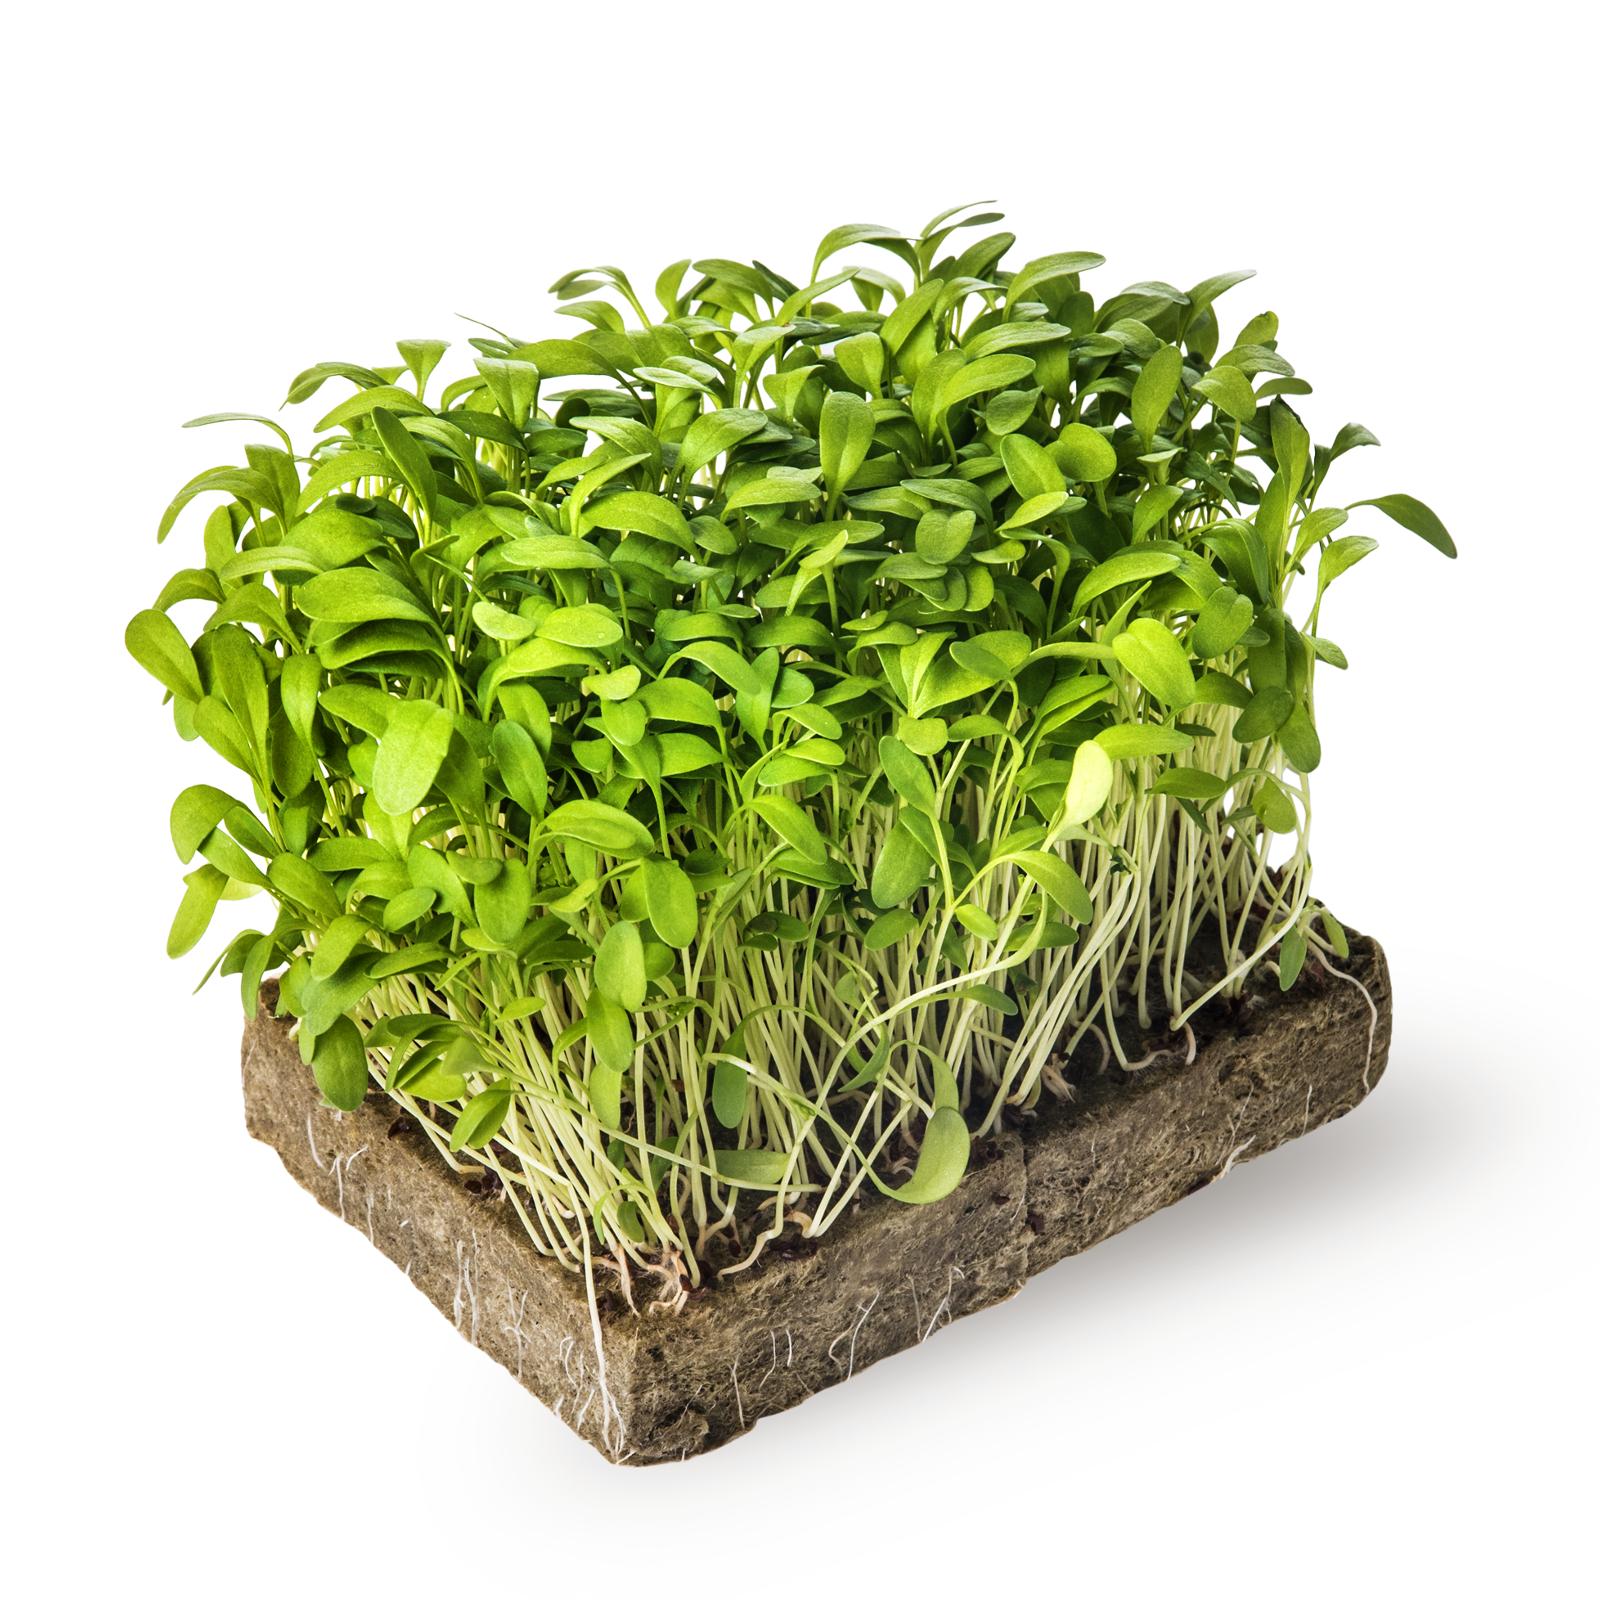 Image микрозелень